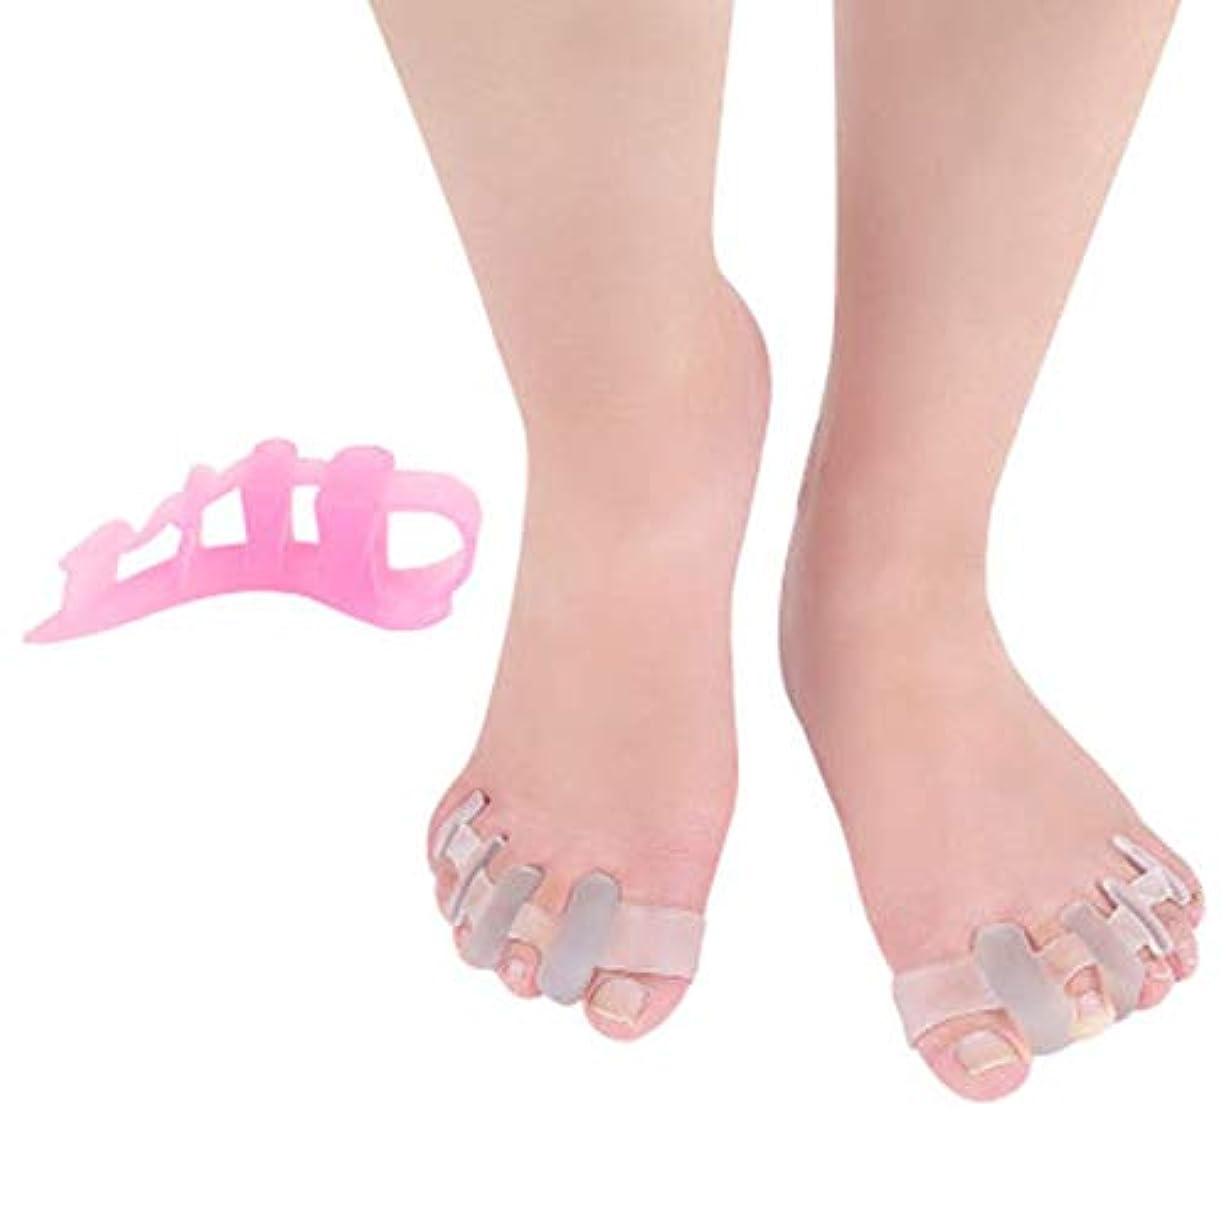 打撃観客陰気MagRing Gel Toe Separator Toe Bunion Hallux Valgus Toe Stretchers for Men and Womenすぐに痛みを軽減イージーウェアカラー:透明